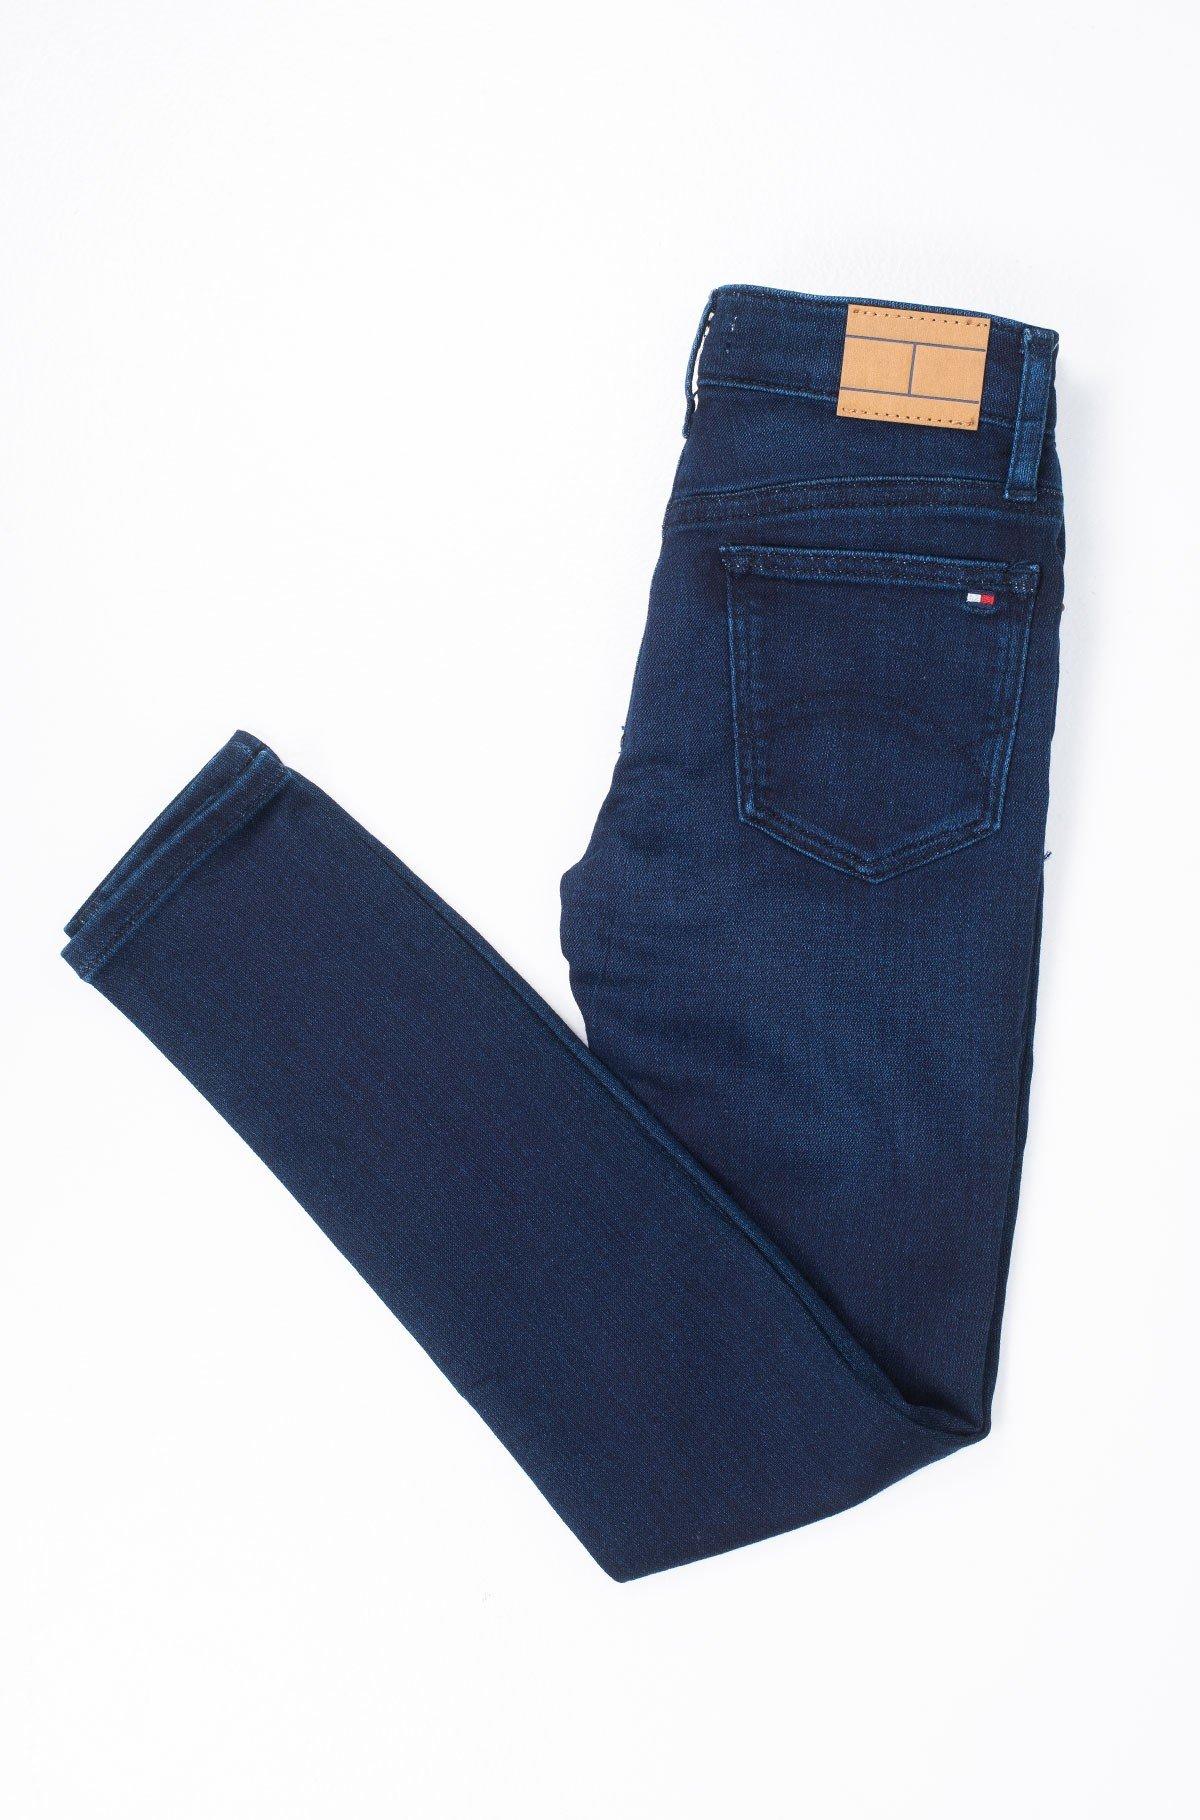 Vaikiškos džinsinės kelnės NORA RR SKINNY SLMBST-full-2